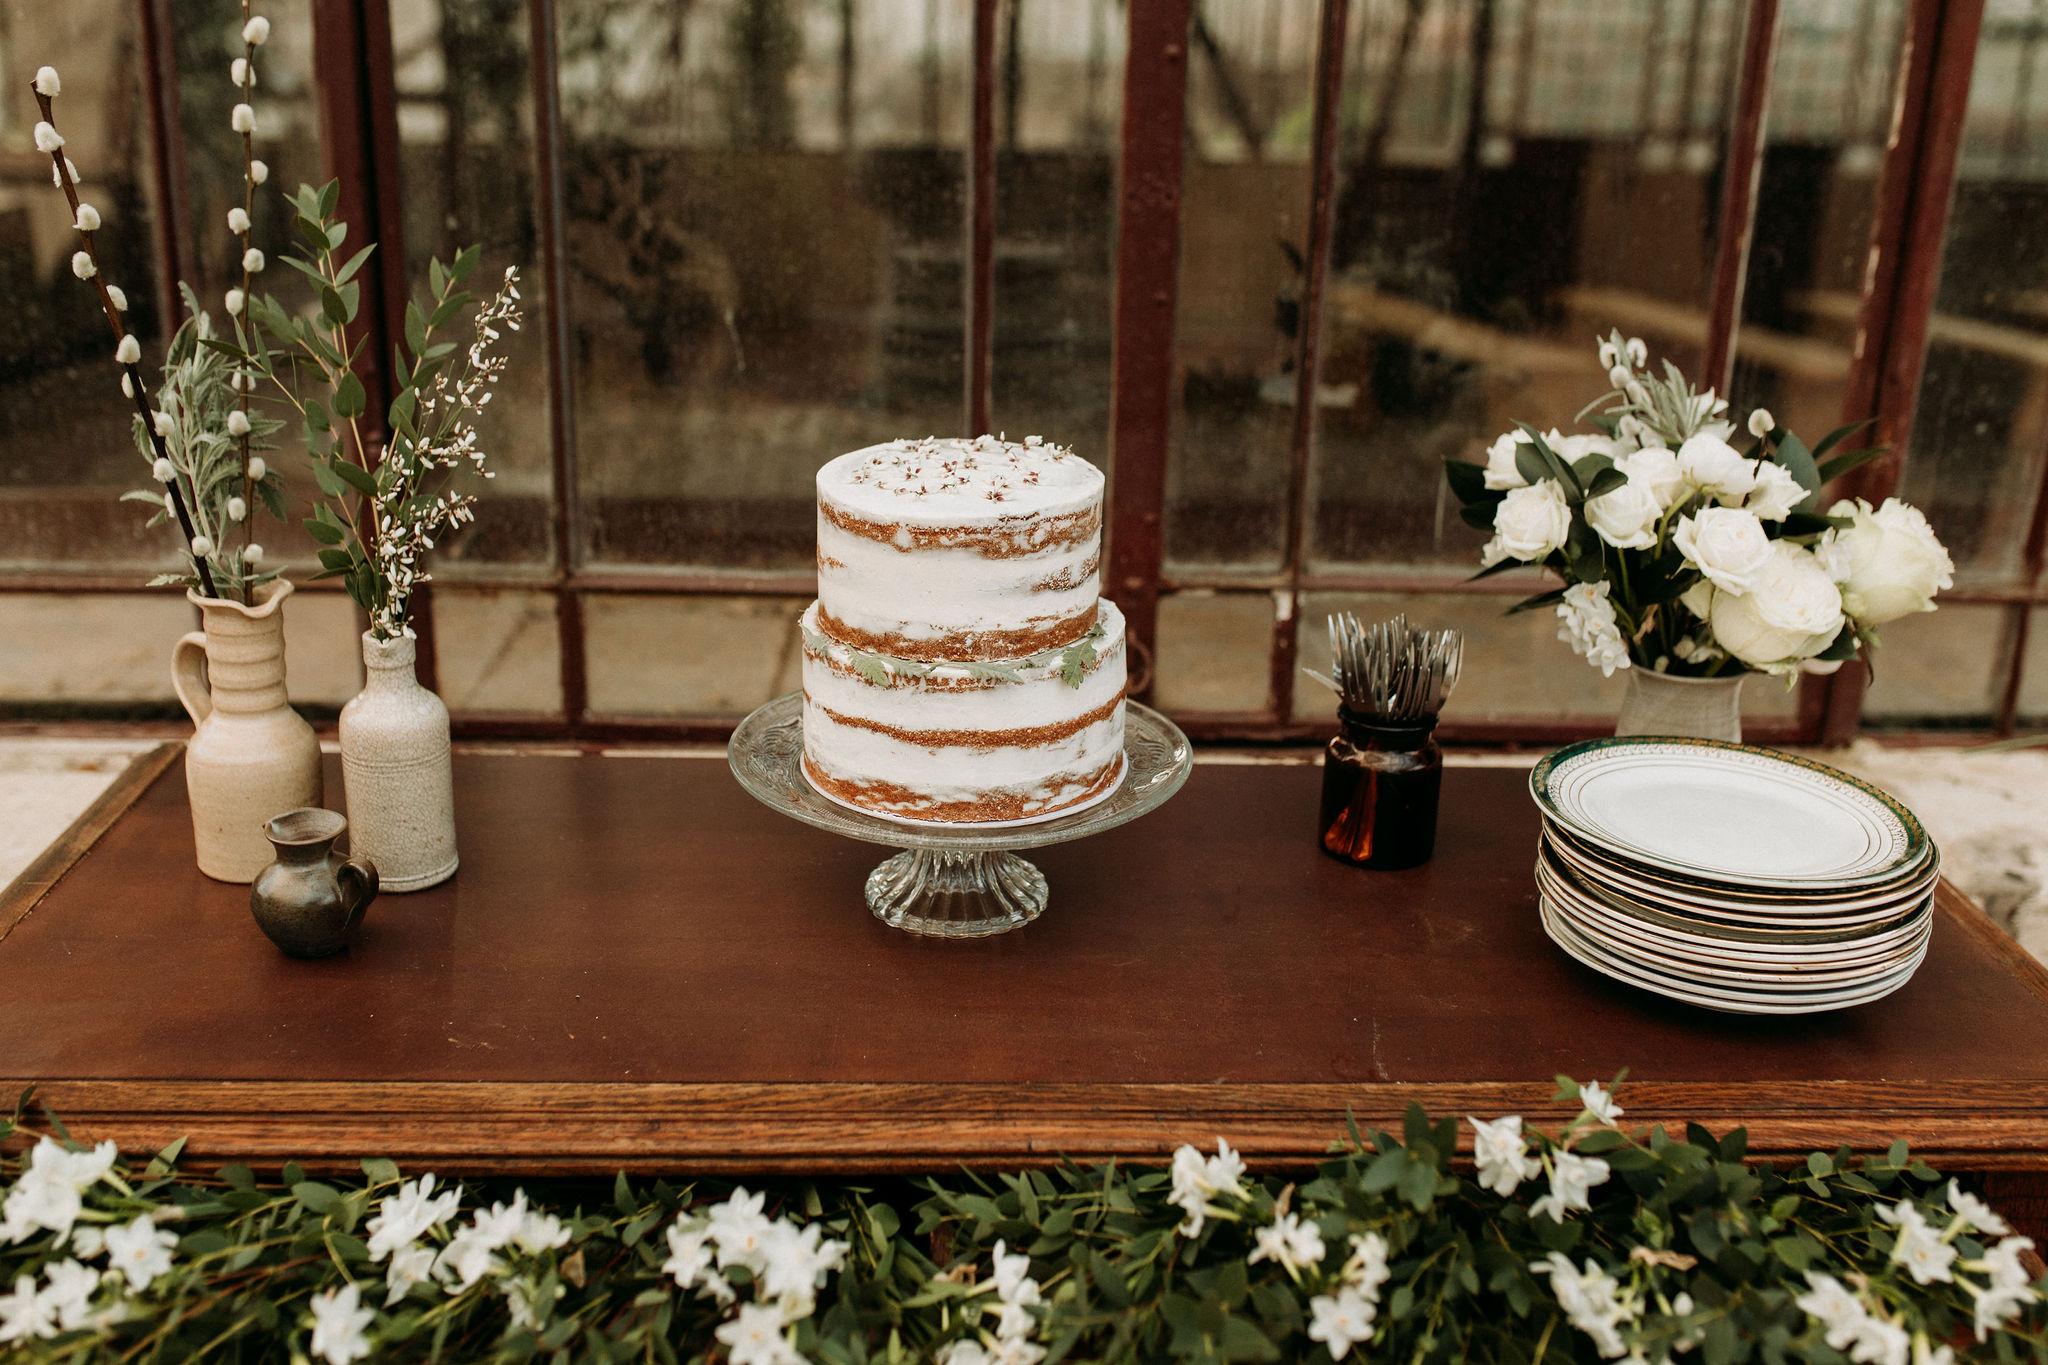 Domaine verderonne mariage décoration